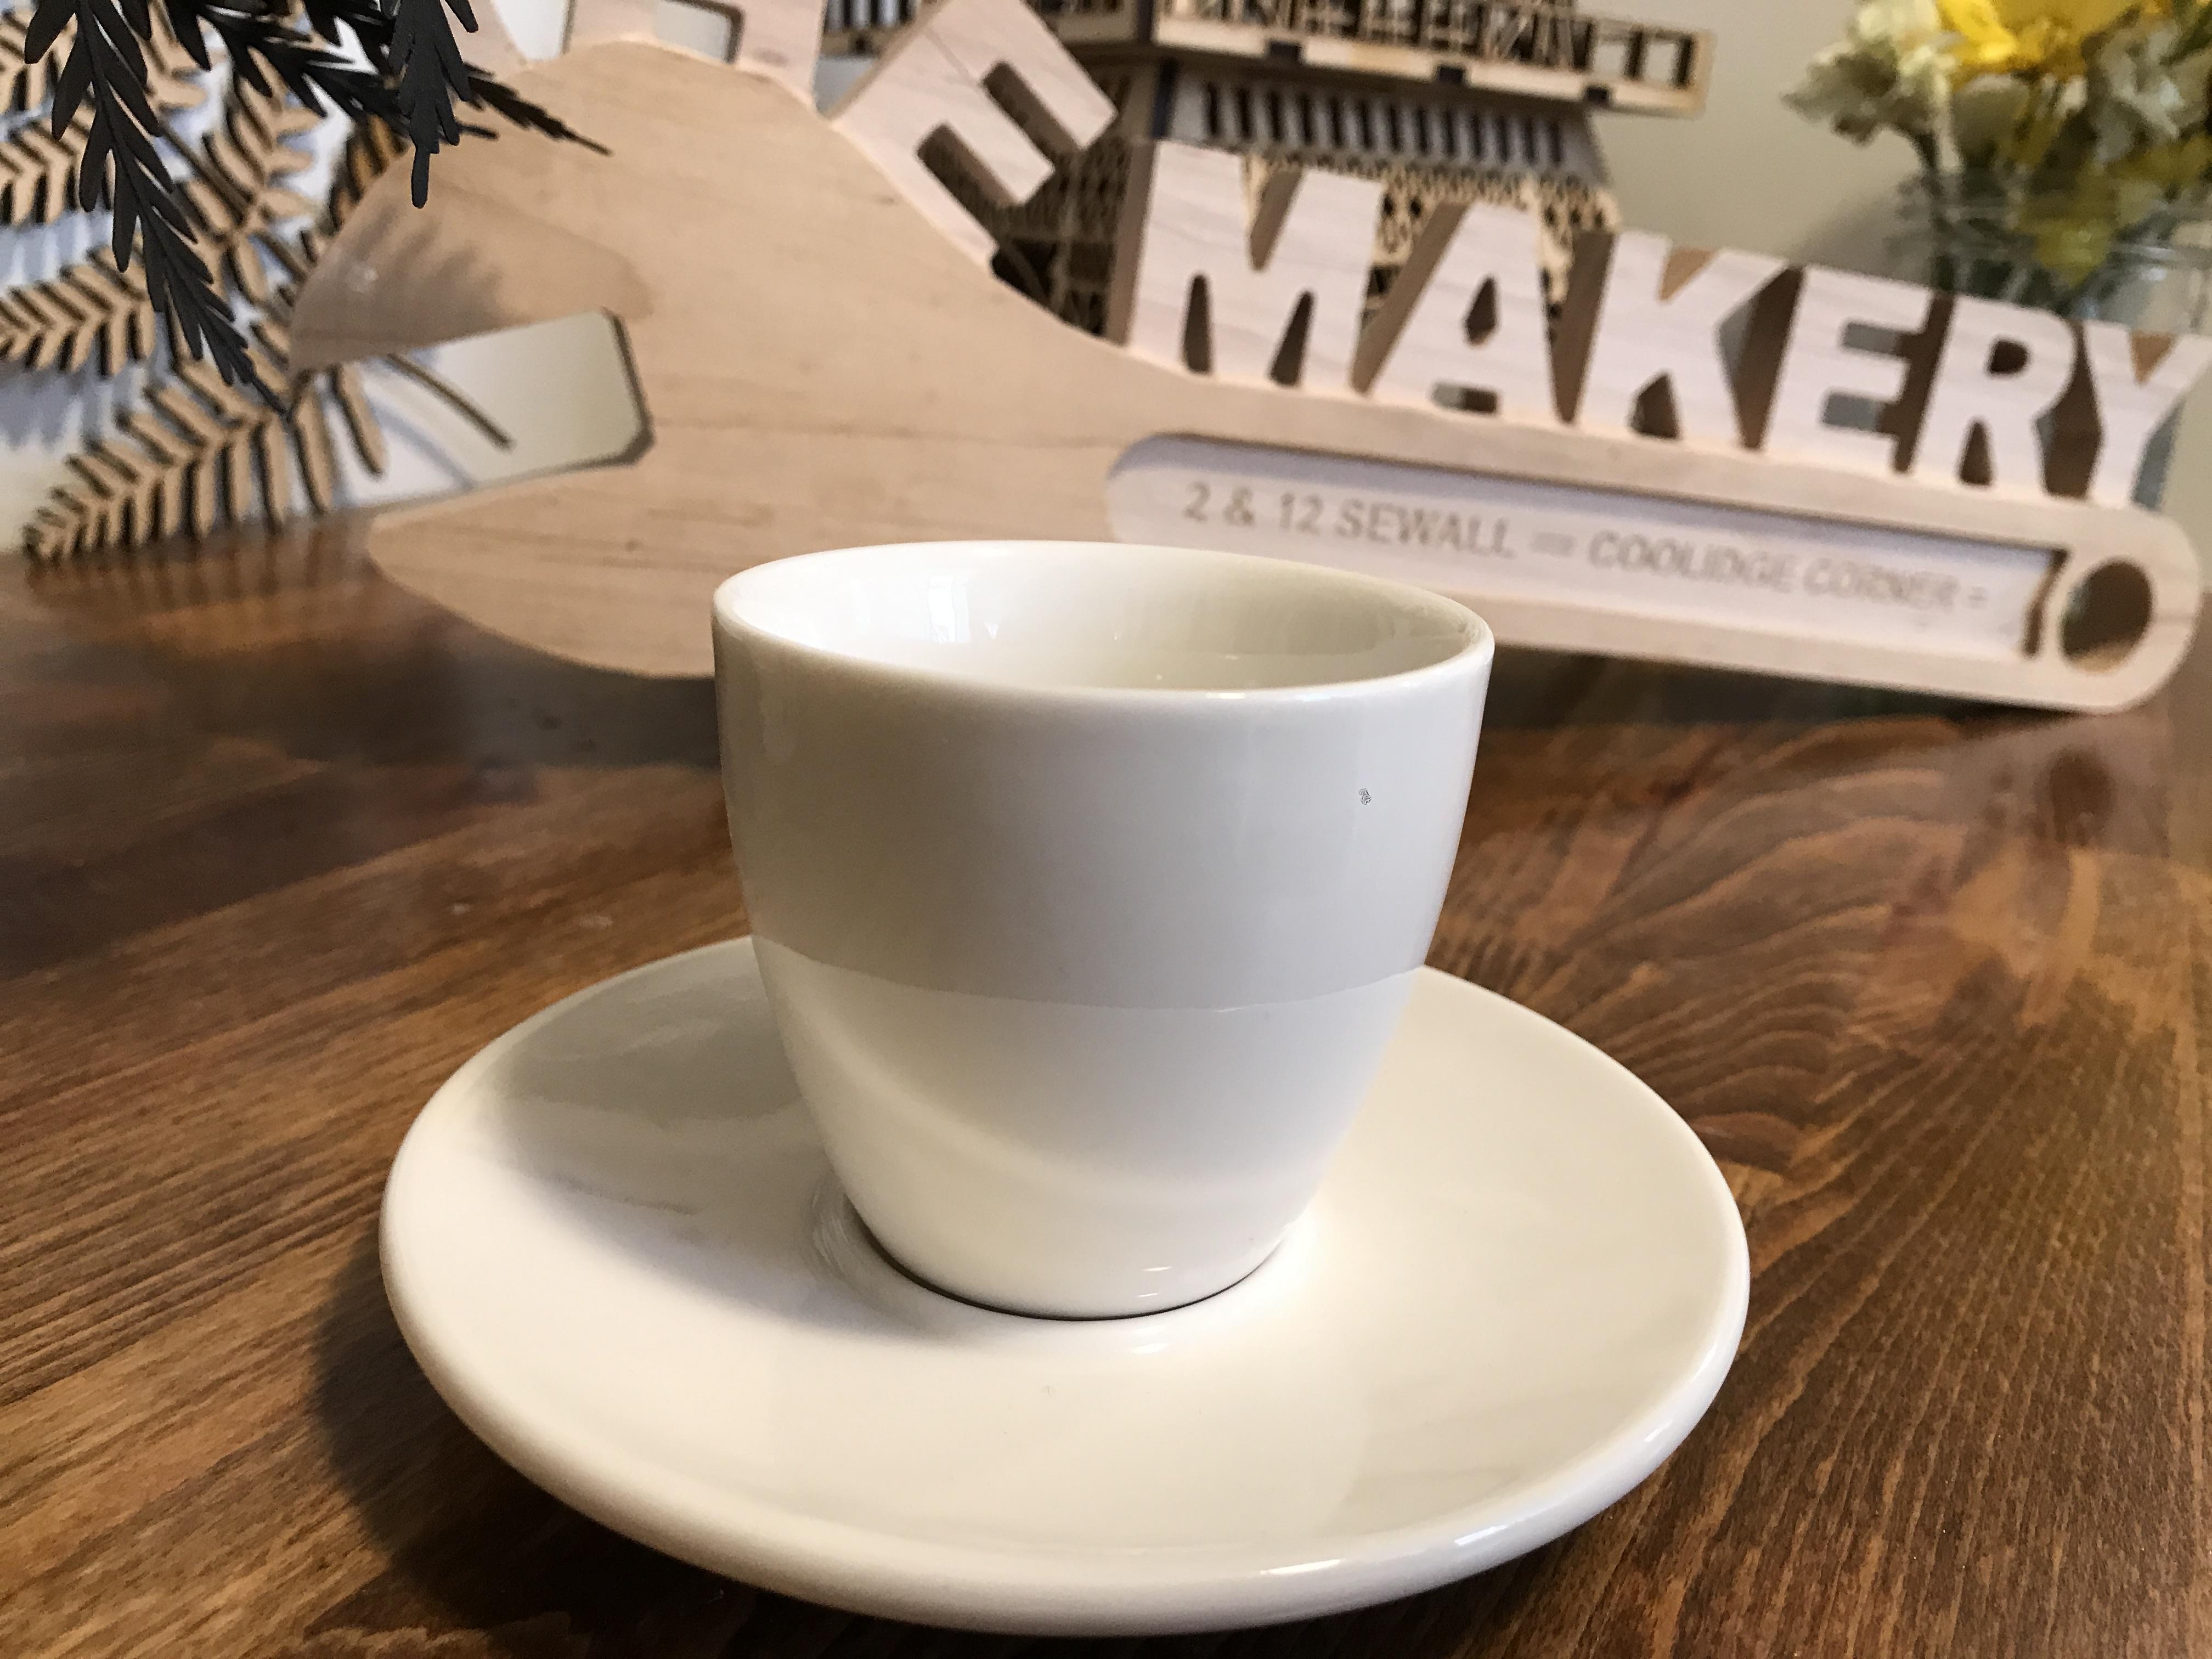 Maker Café Morning Or Extended